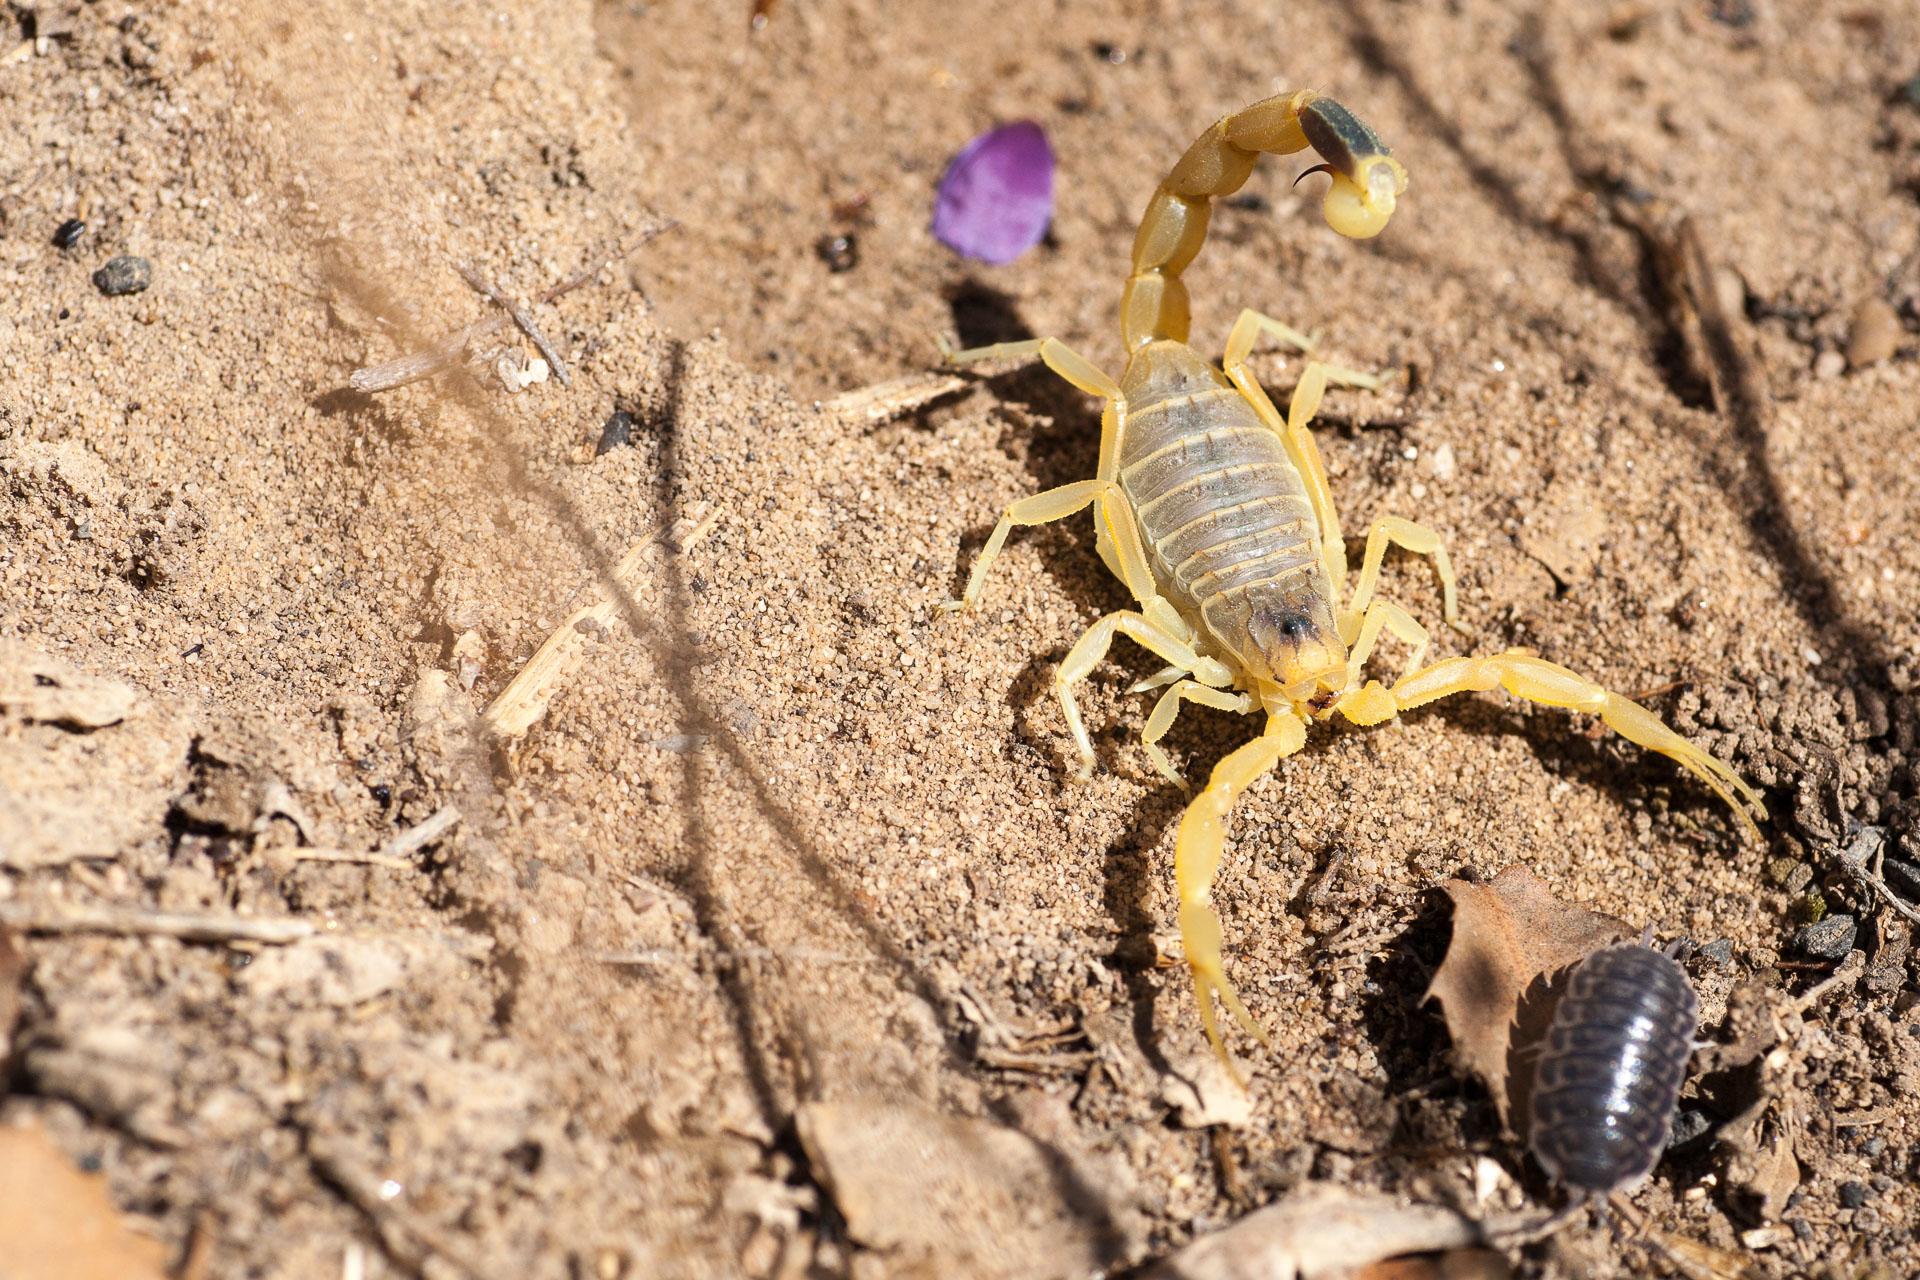 Scorpion dans le réserve naturelle de Wadi Dana en Jordanie